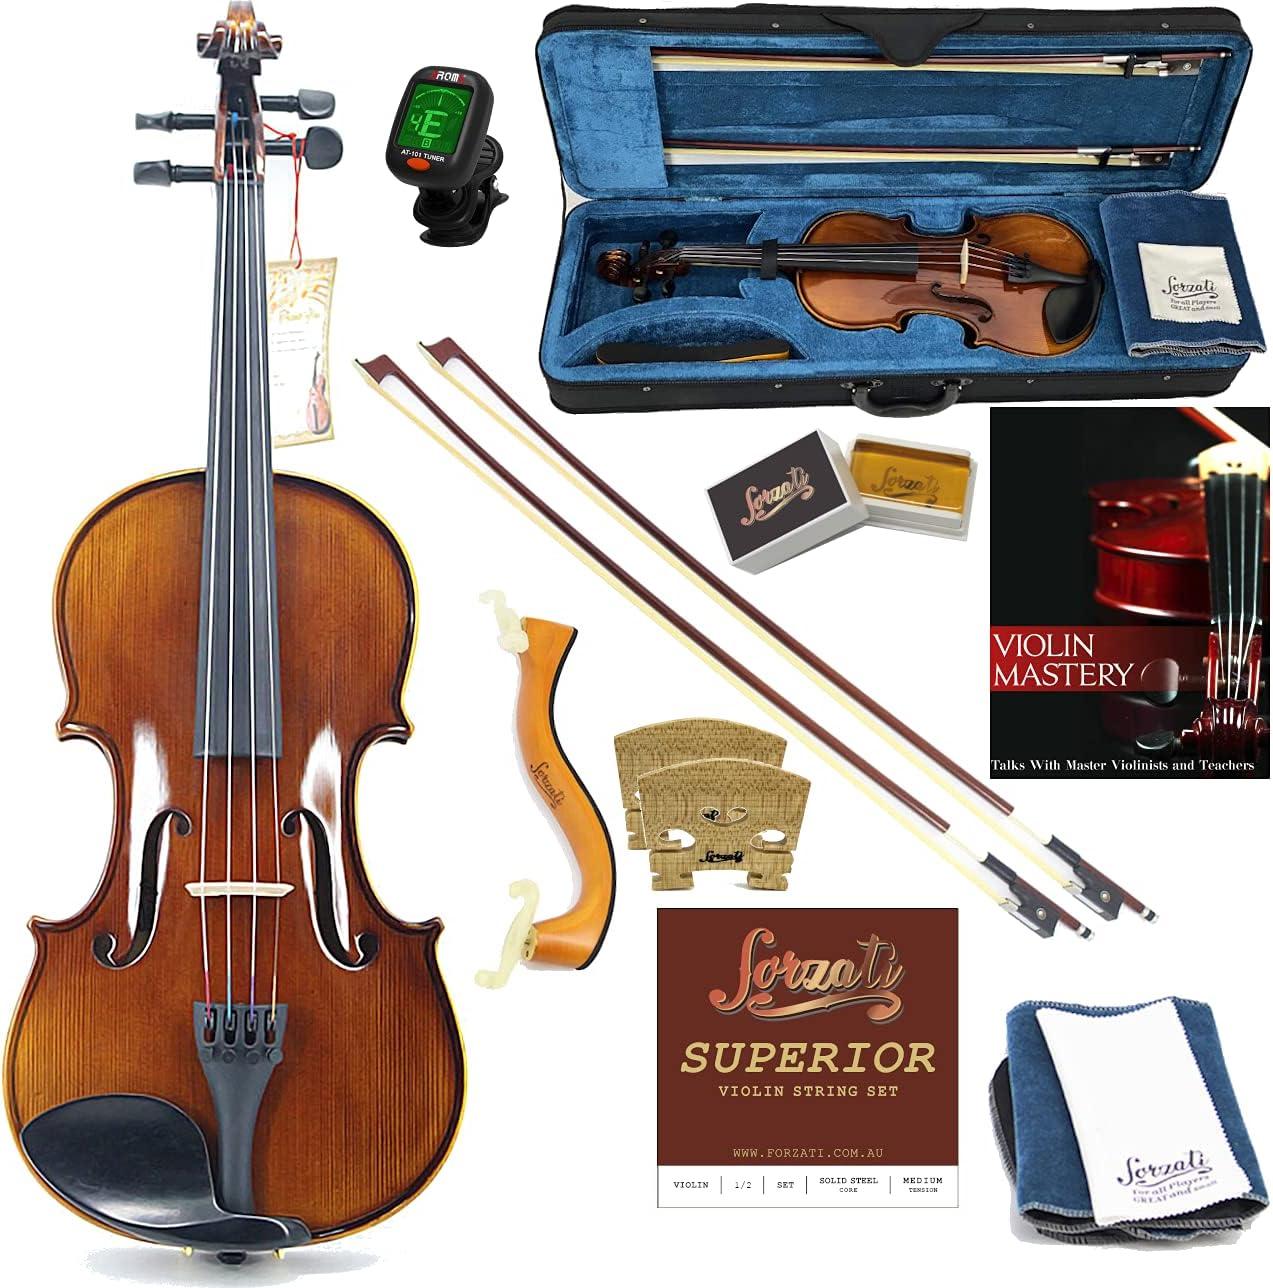 Forzati Max 82% OFF FZV600 Finally resale start 1 2 Half Size Set Vi Violin Handcrafted Superior